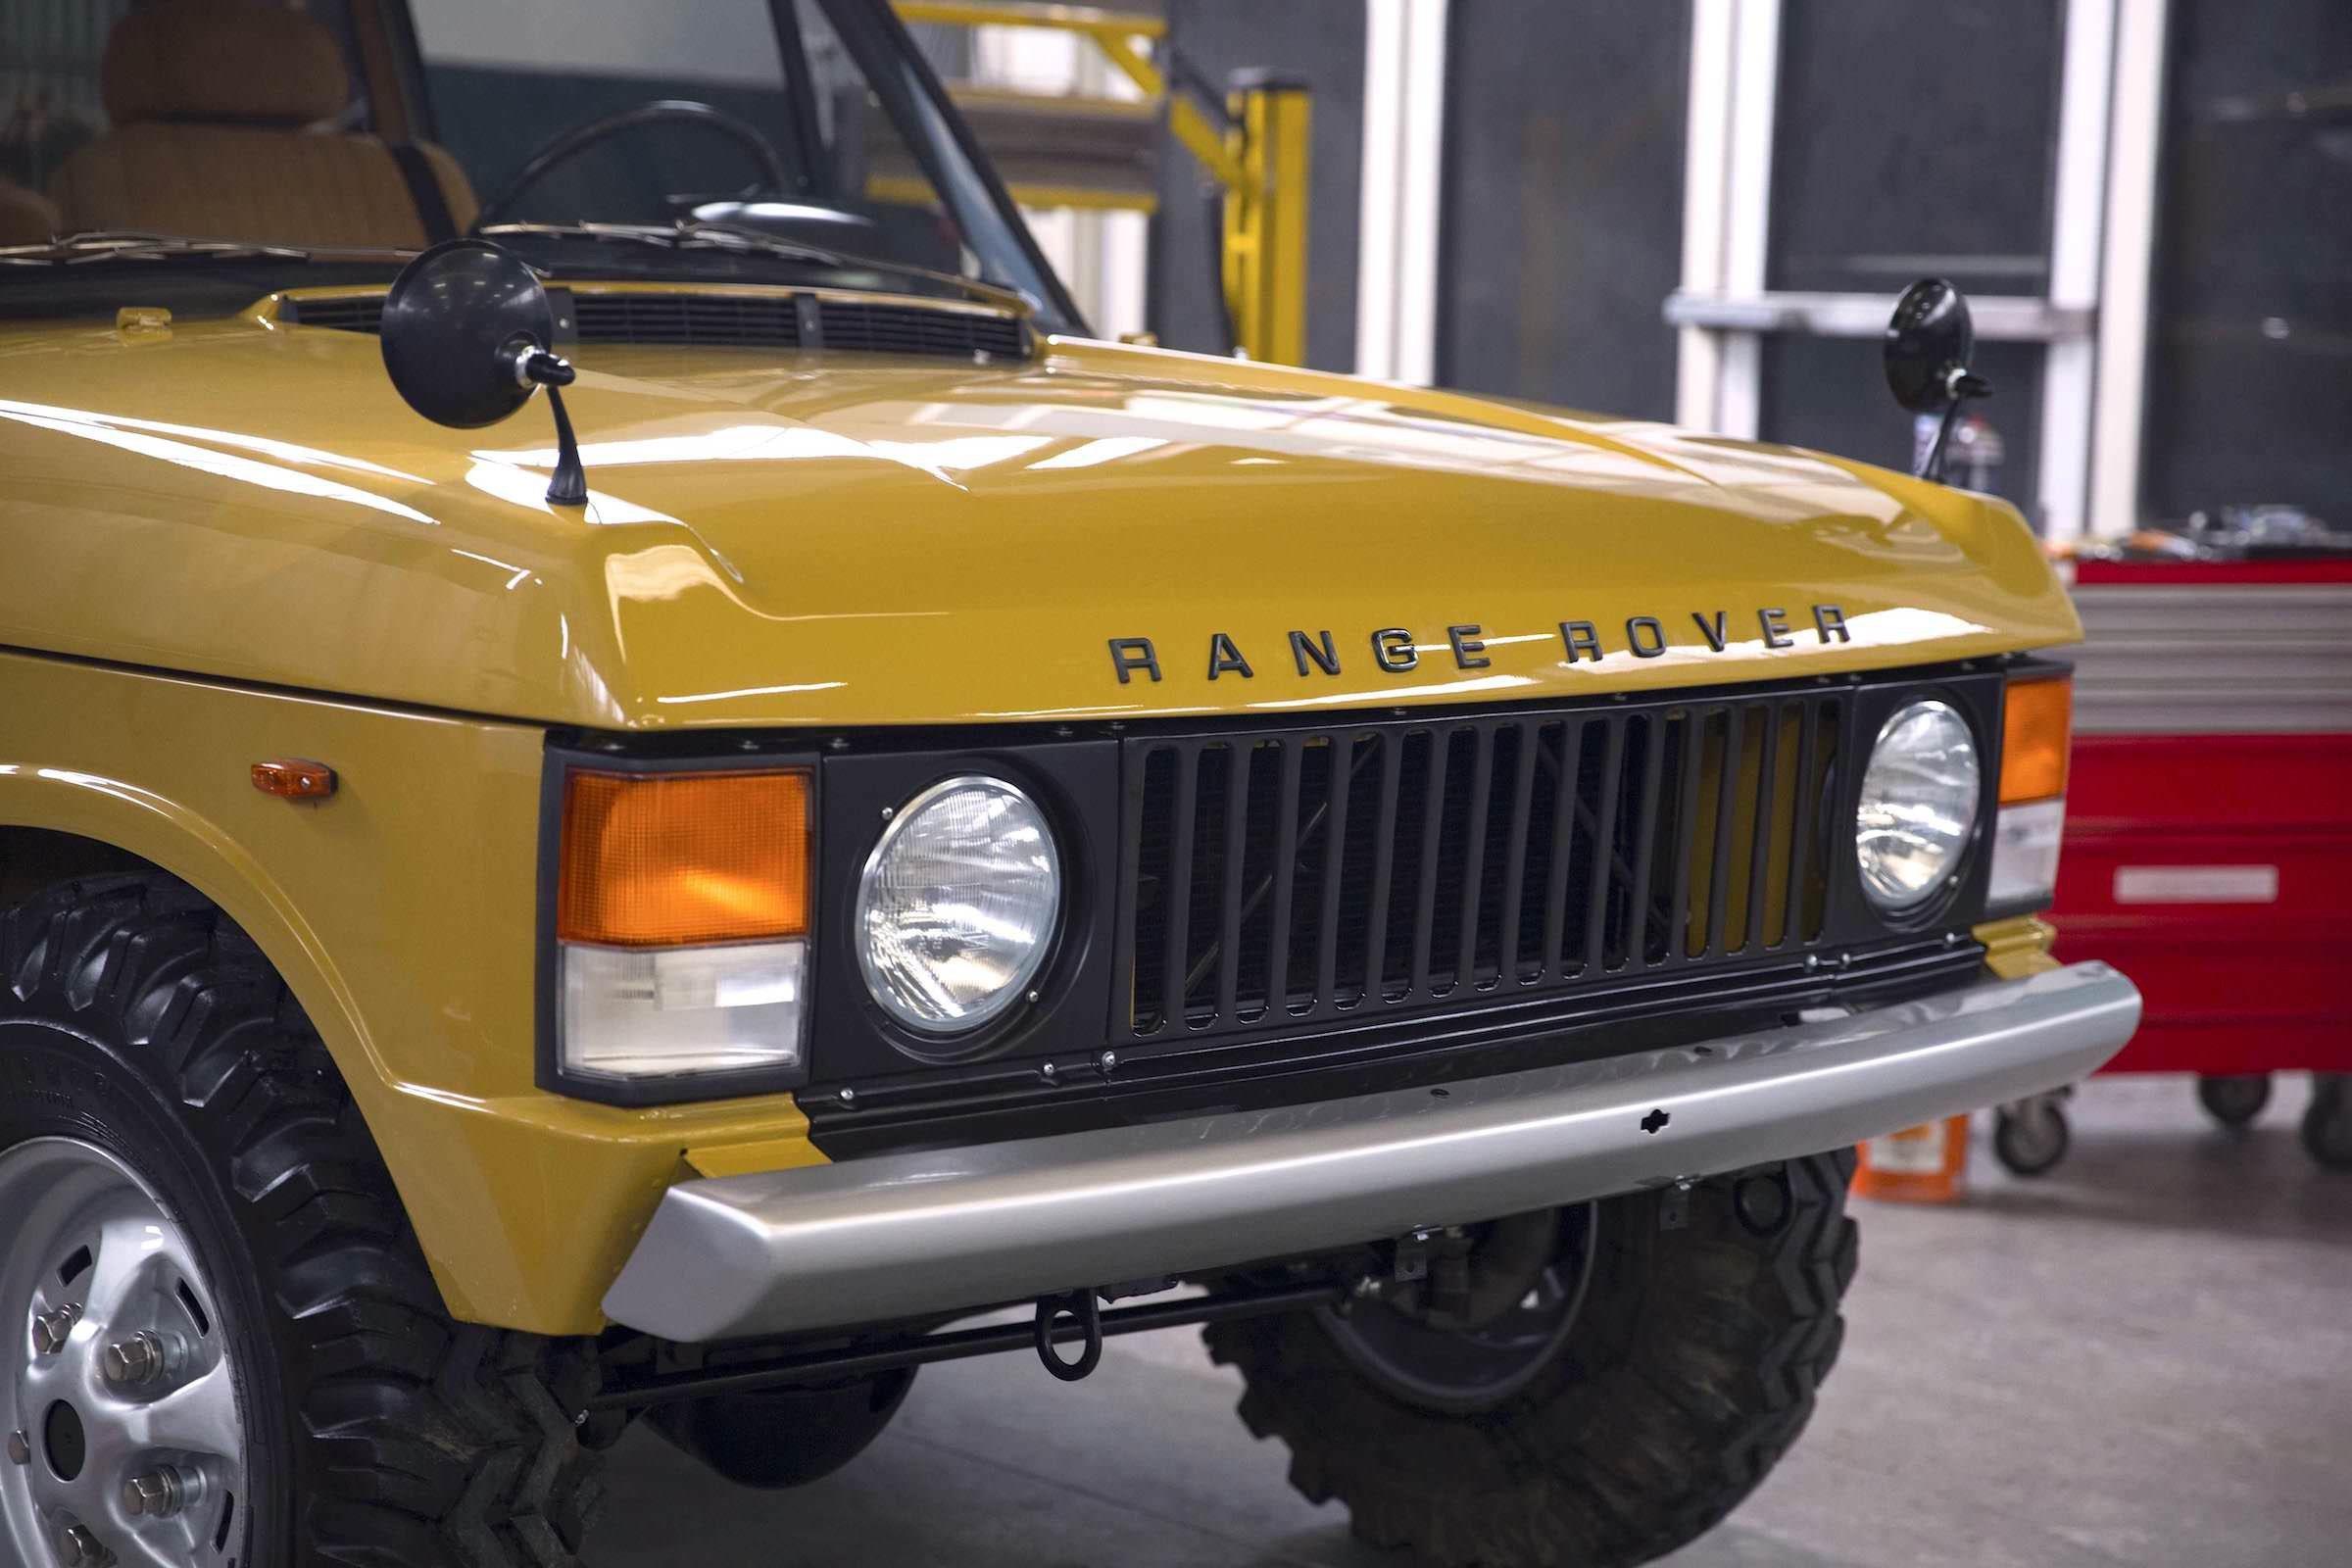 1973 range rover classic - Range rover classic interior parts ...